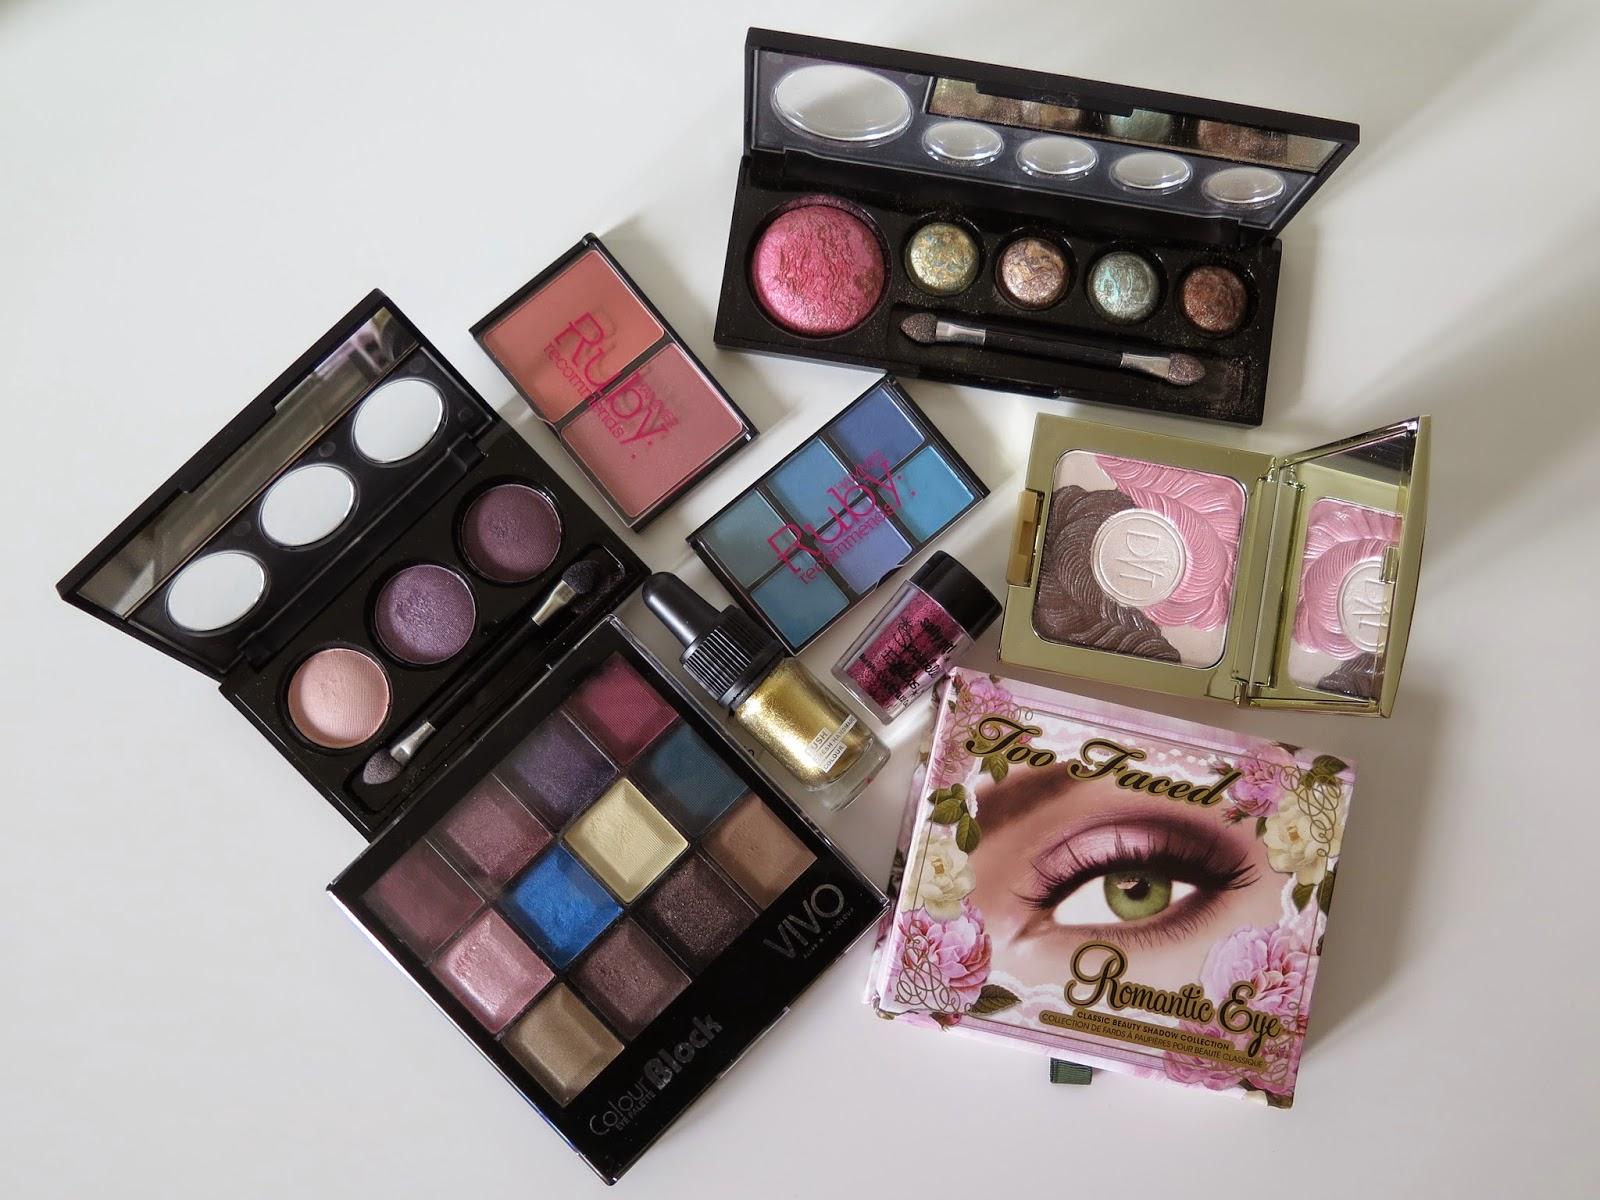 Make-up, hoarding